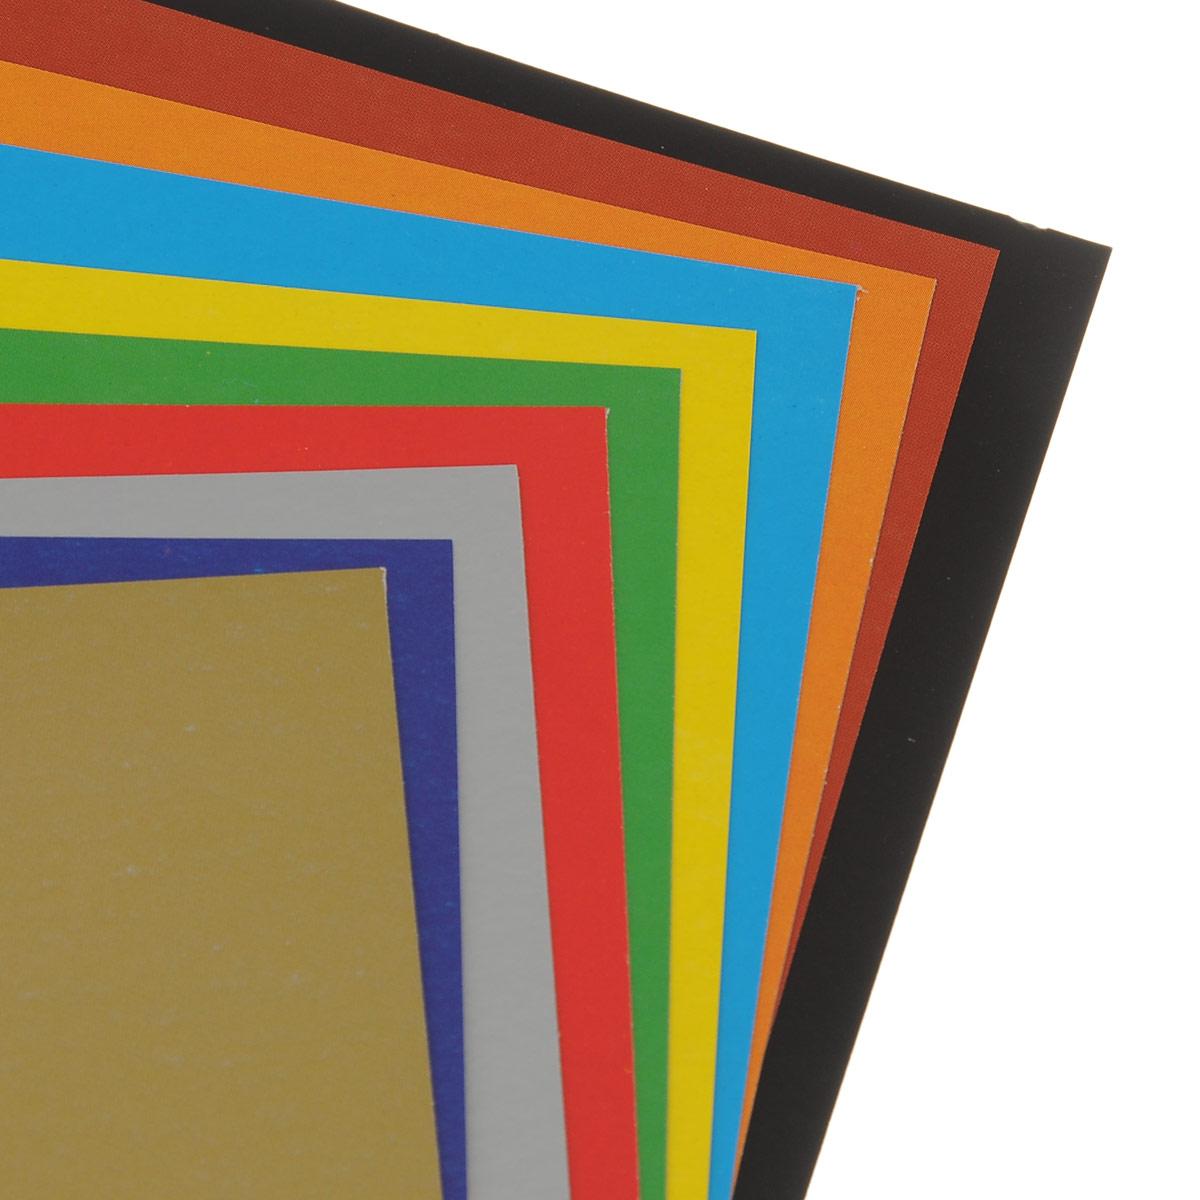 Картон цветной Hatber Пушистый щенок позволит создавать всевозможные аппликации и поделки. Набор включает 10 листов одностороннего цветного картона формата А4. Цвета: золотистый, синий, серебристый, красный, зеленый, желтый, голубой, оранжевый, коричневый, черный. Создание поделок из цветного картона позволяет ребенку развивать творческие способности, кроме того, это увлекательный досуг.